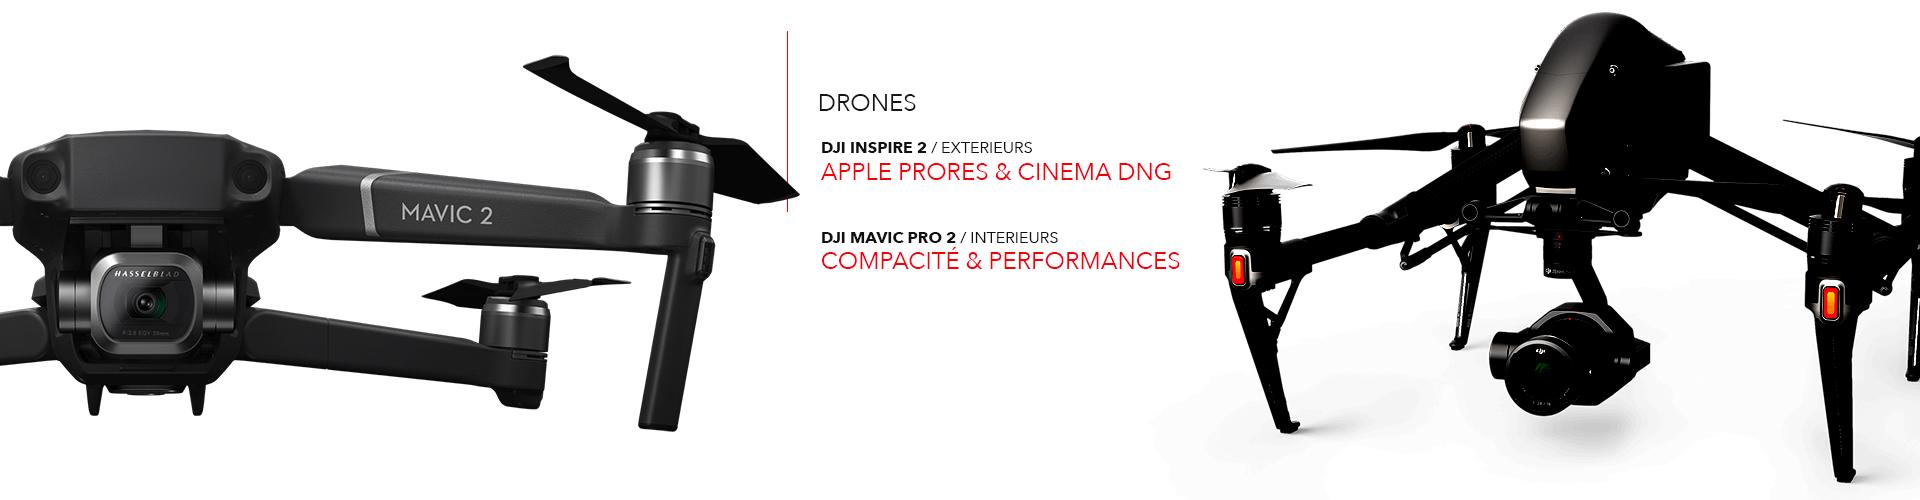 images materiel_drones.jpg